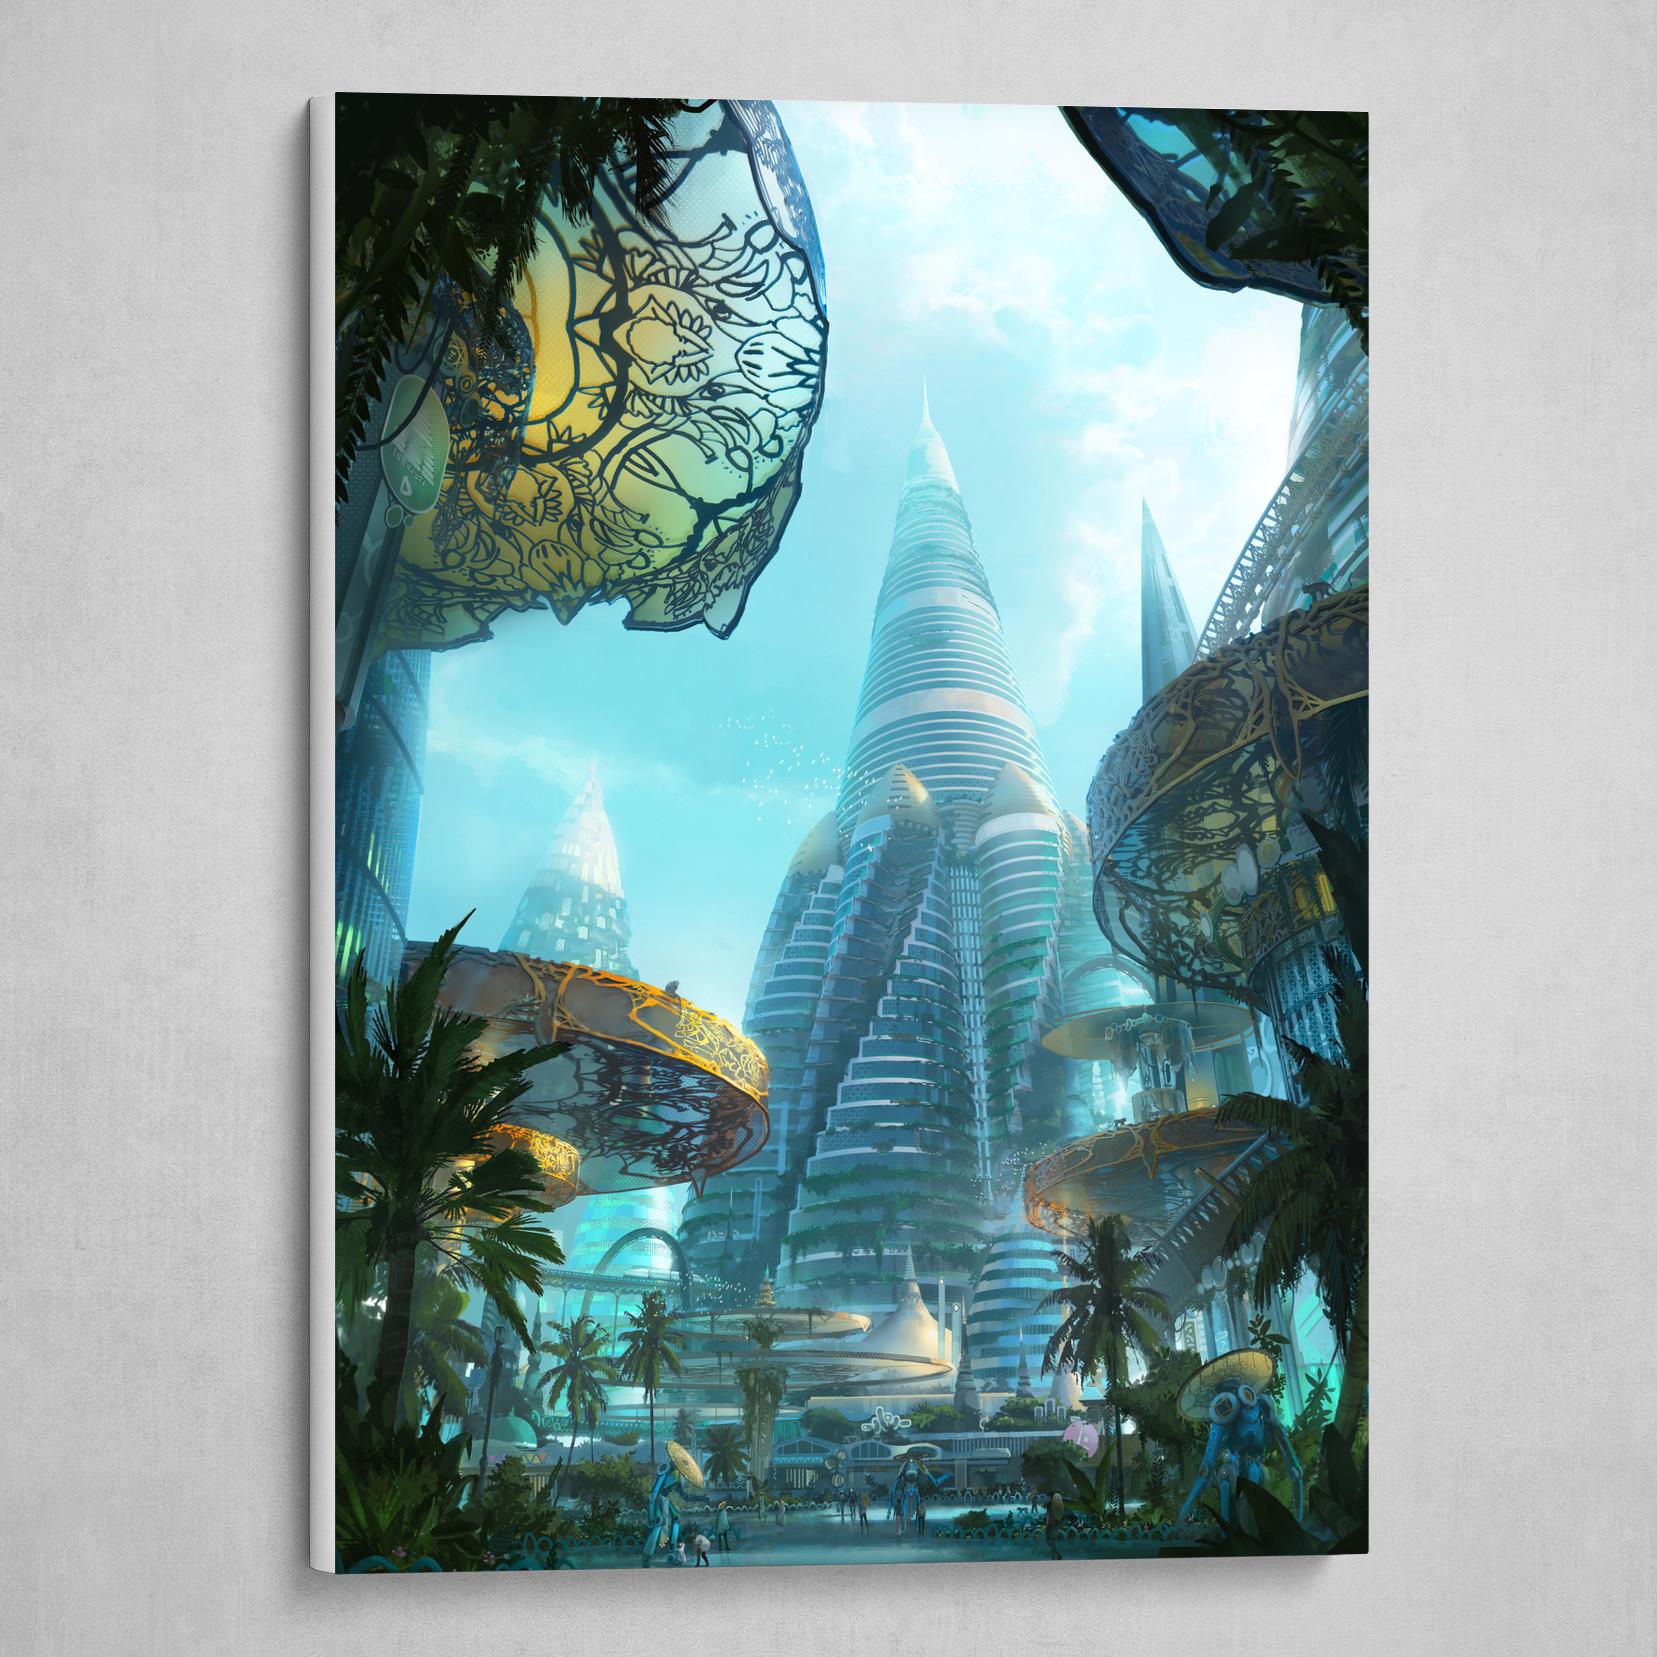 Solarpunk city